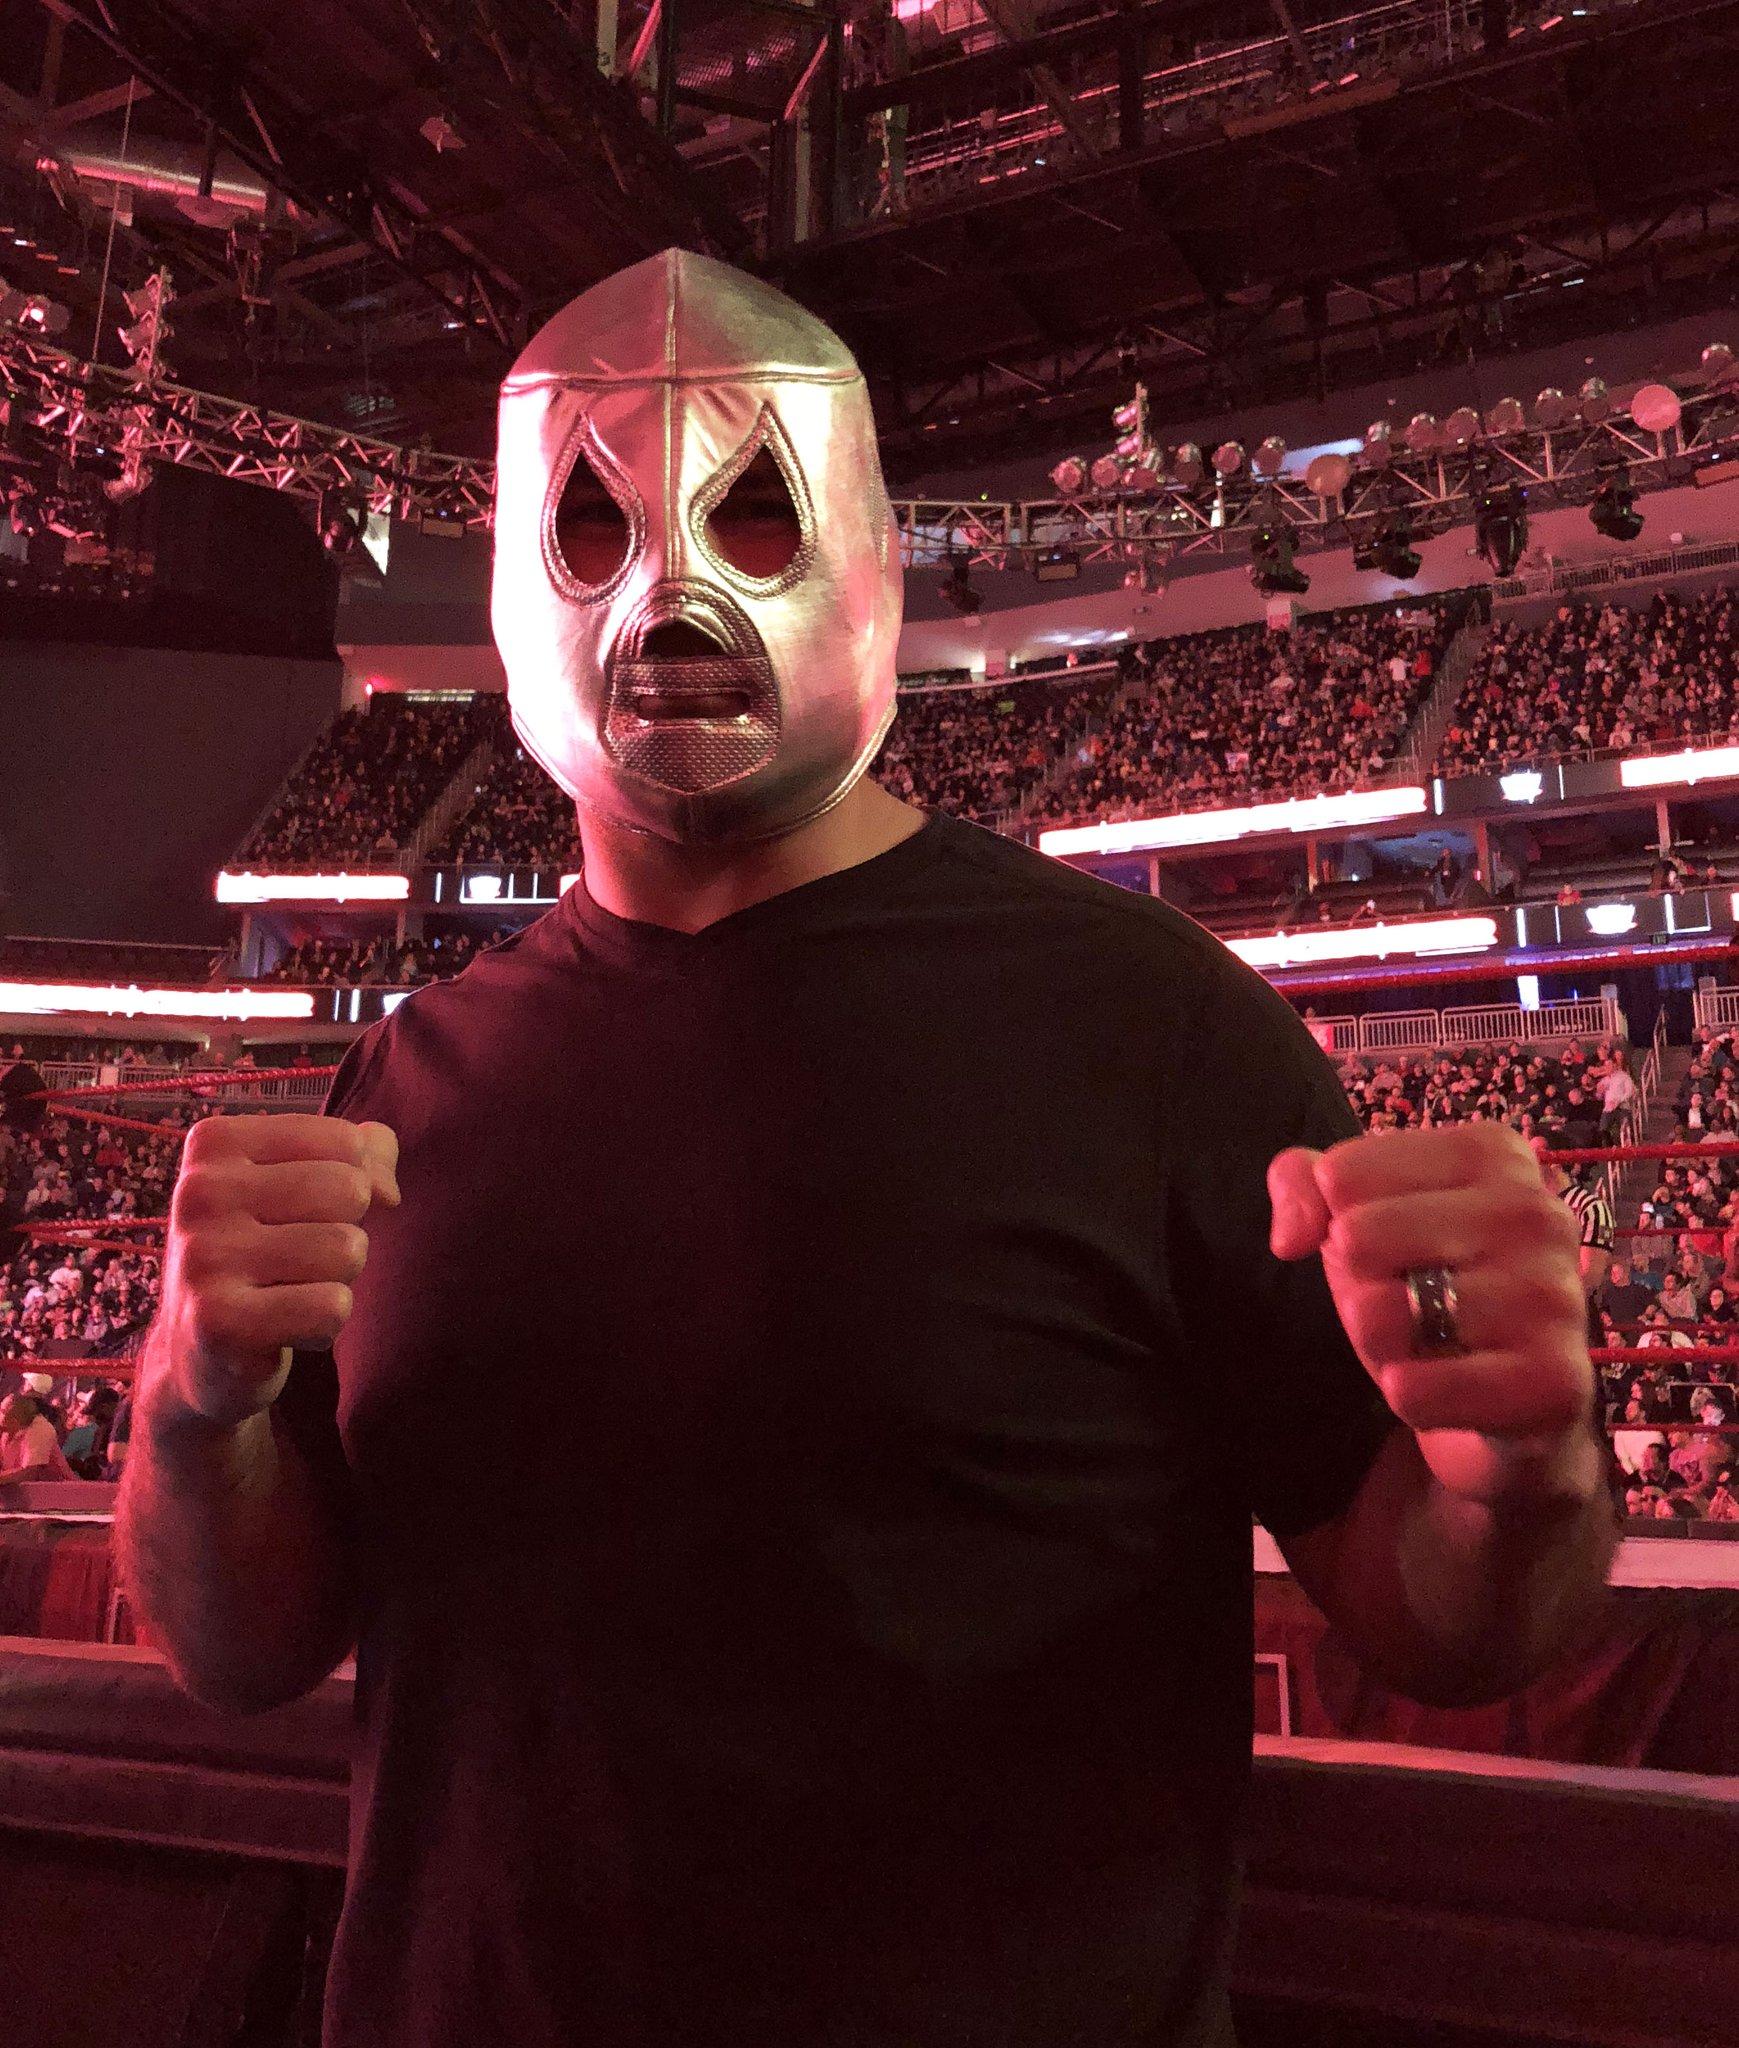 Caín Velásquez con una máscara de El Santo en el PPV WWE Elimination Chamber 2018 (25/02/2018) / Twitter.com/cainmma